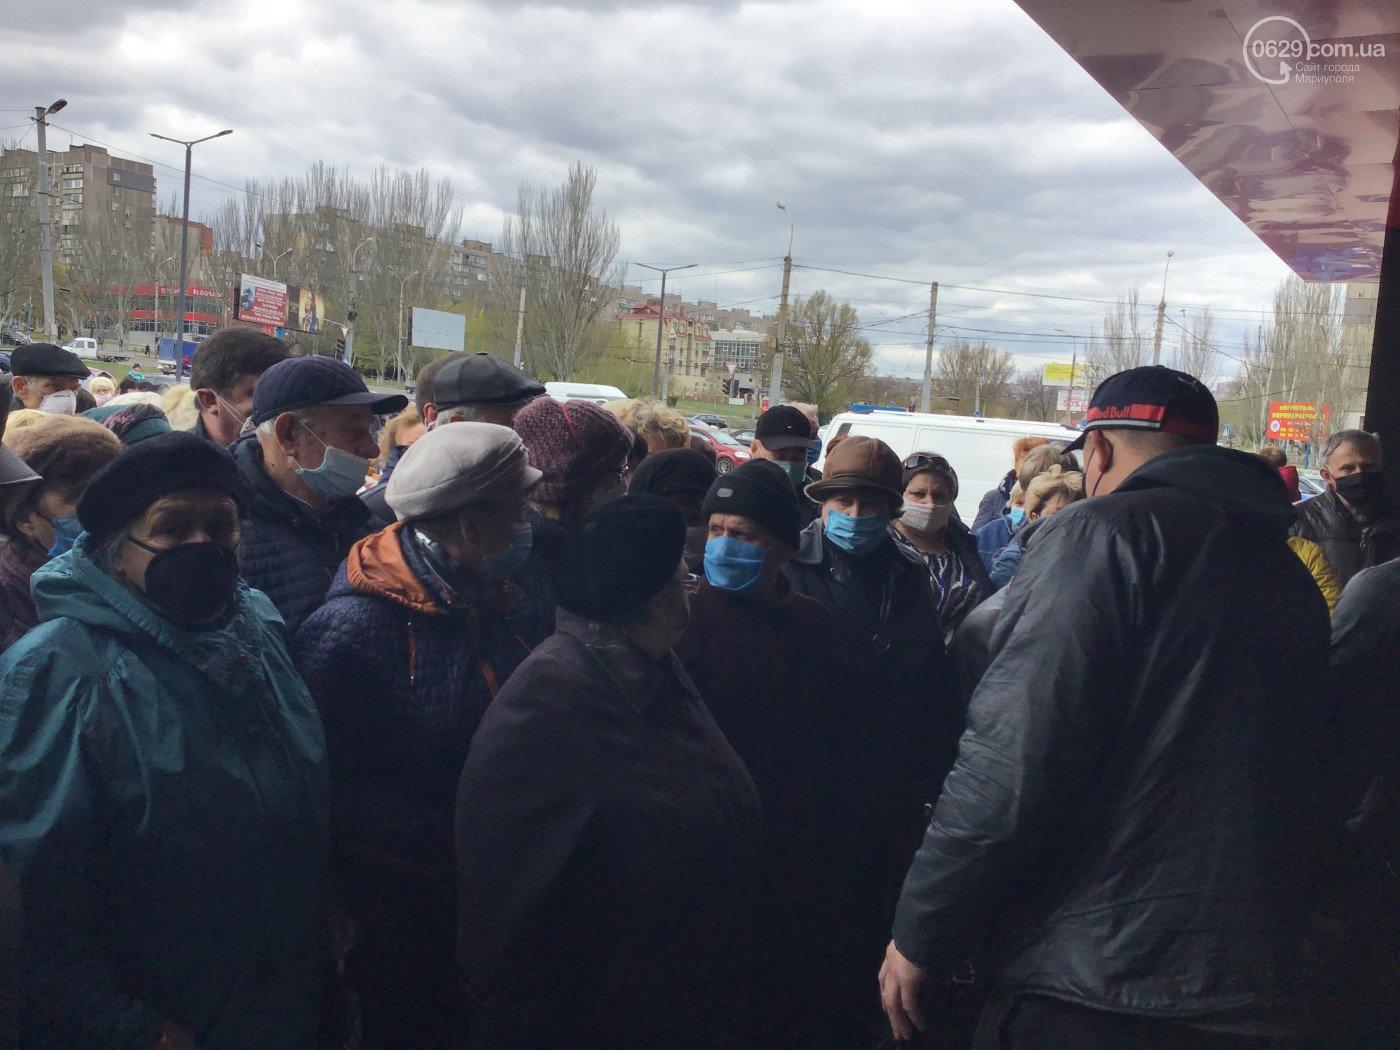 Маріупольці знехтували карантином й заради знижок штурмували супермаркет. ФОТО, фото-2, 0629.com.ua